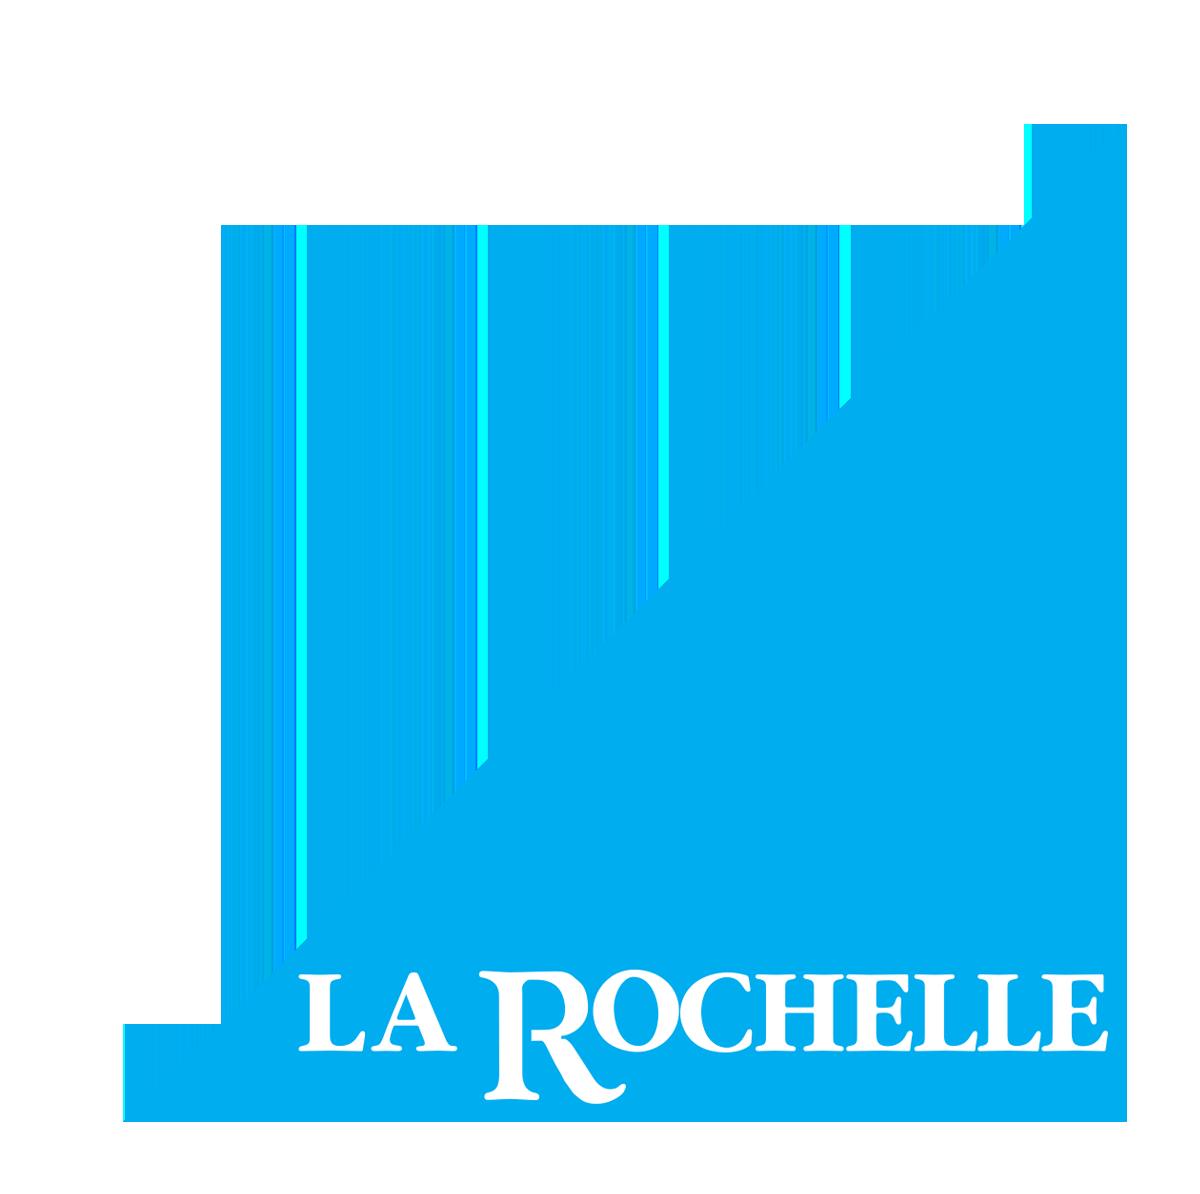 Logo de la ville de La Rochelle pour les serres municipales